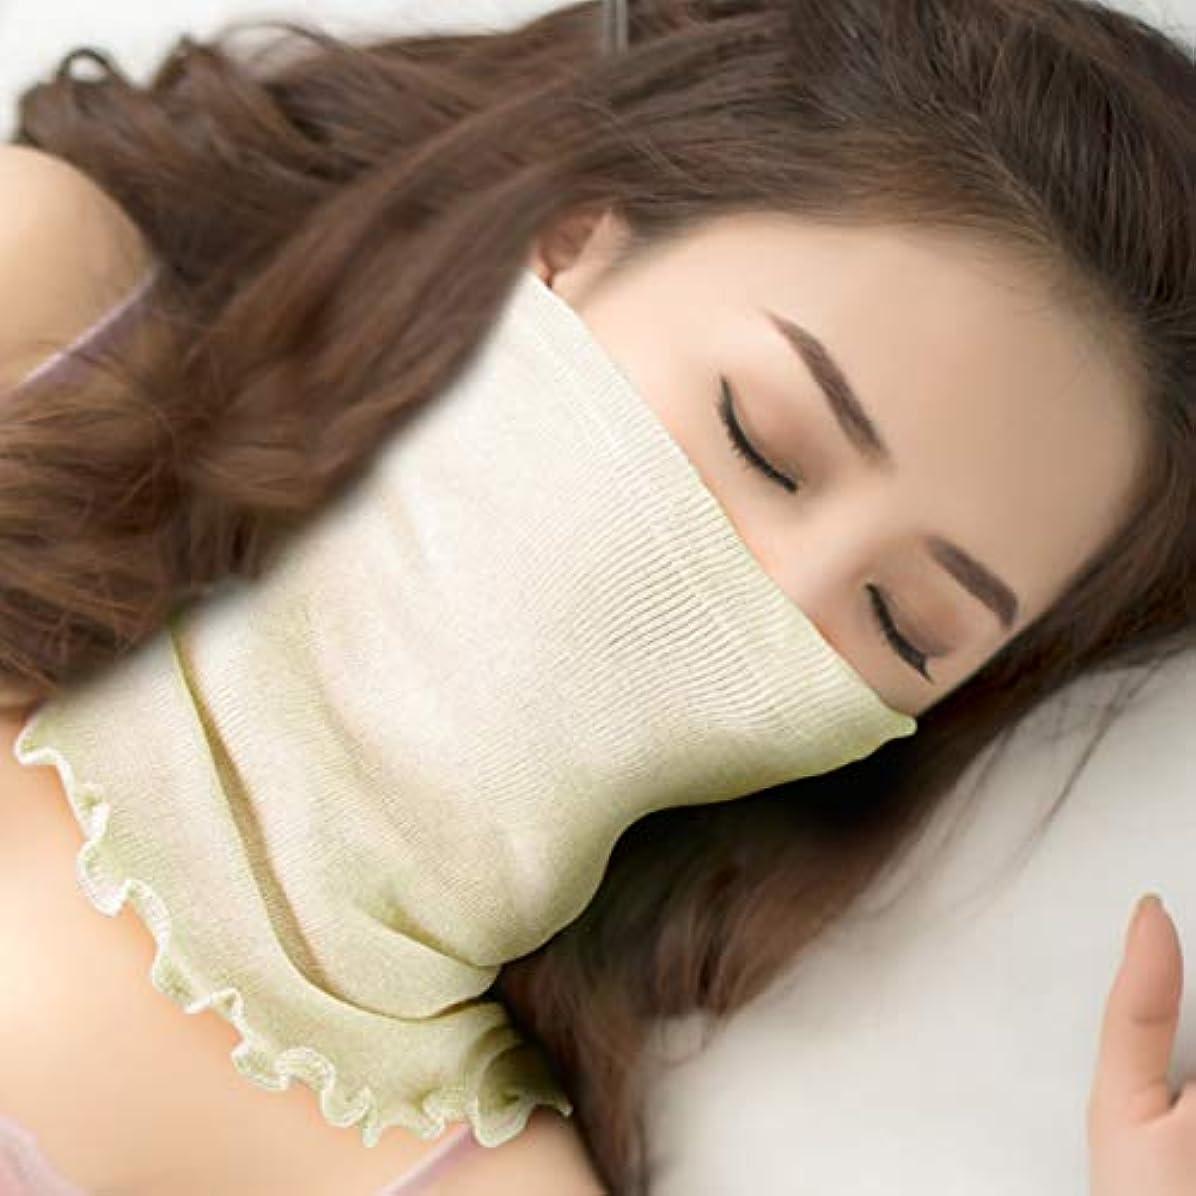 擁するテレマコスみがきますTrendMarche シルクマスク おやすみマスク ネックウォーマー ノーズワイヤー付き フェイスマスク 保湿 保温 ナイトケア necksilkベージュ